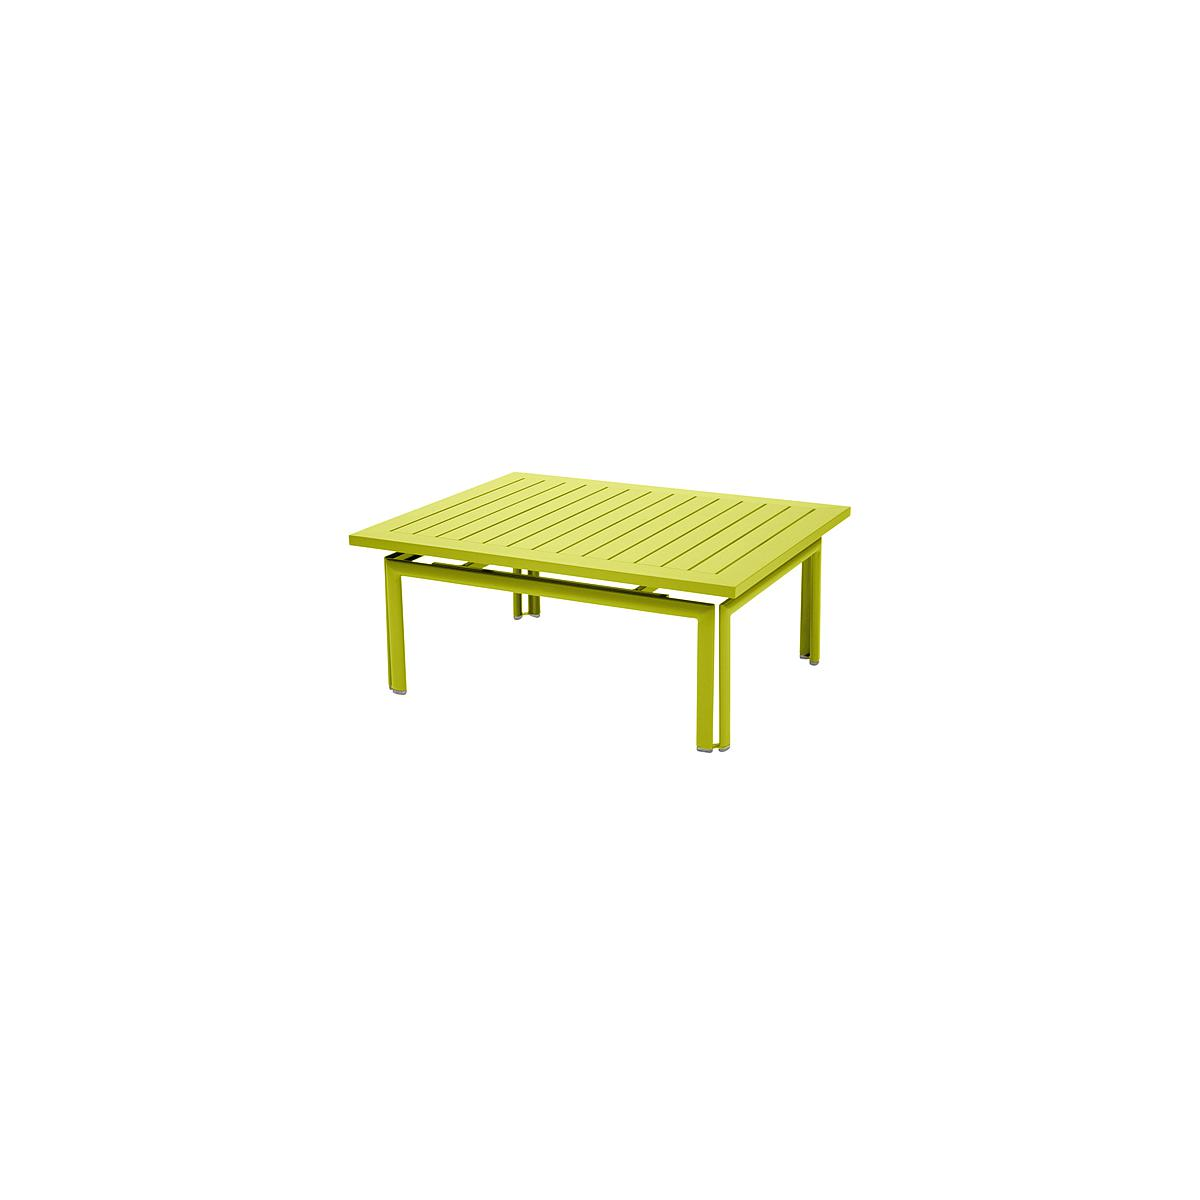 COSTA by Fermob Table basse Vert verveine